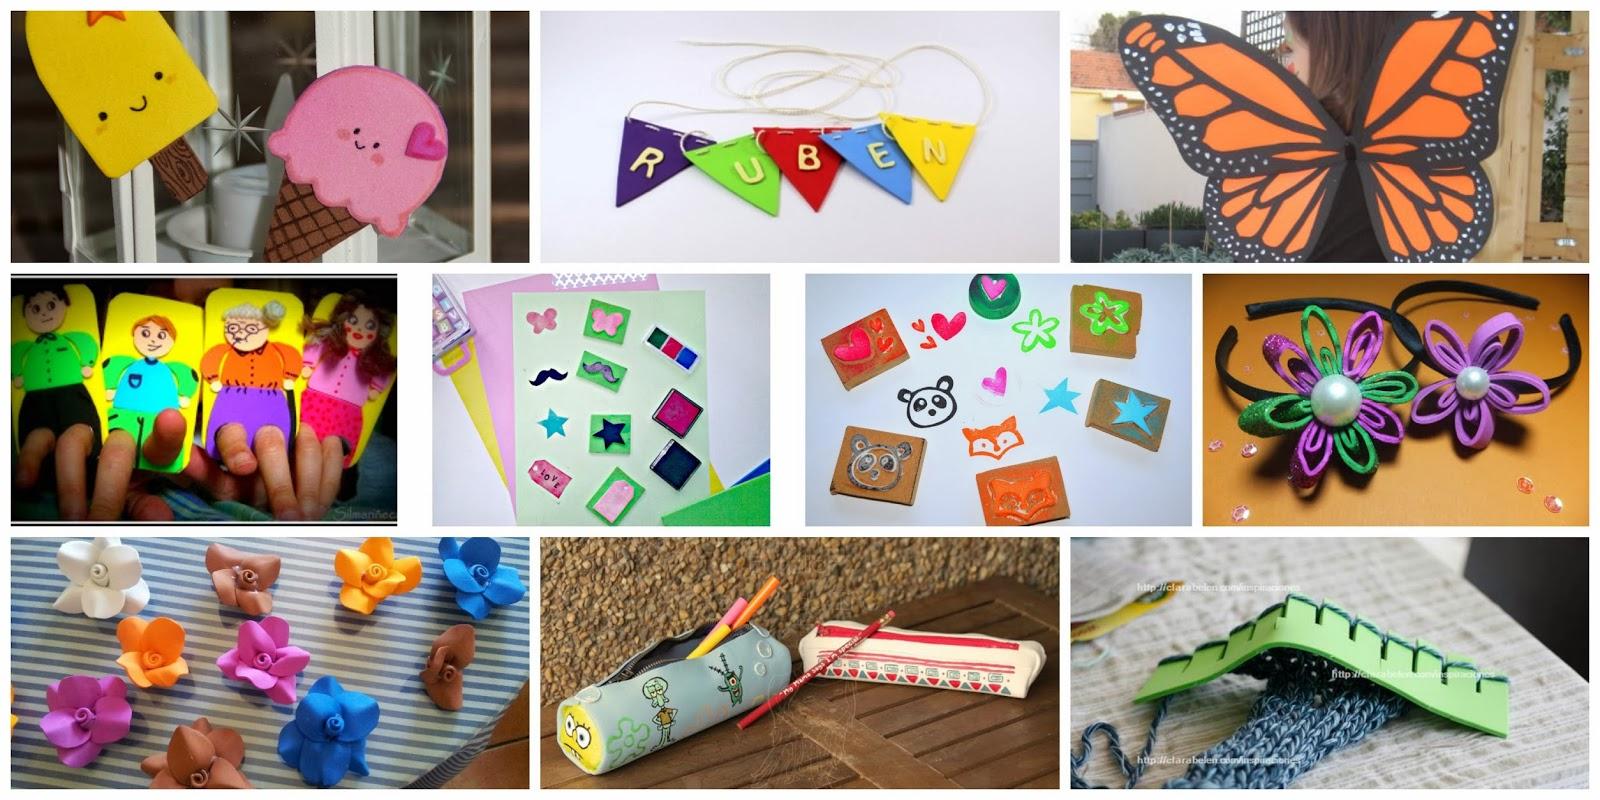 Inspiraciones: manualidades y reciclaje | Recopilación de manualidades de goma  eva o foami - Inspiraciones: manualidades y reciclaje